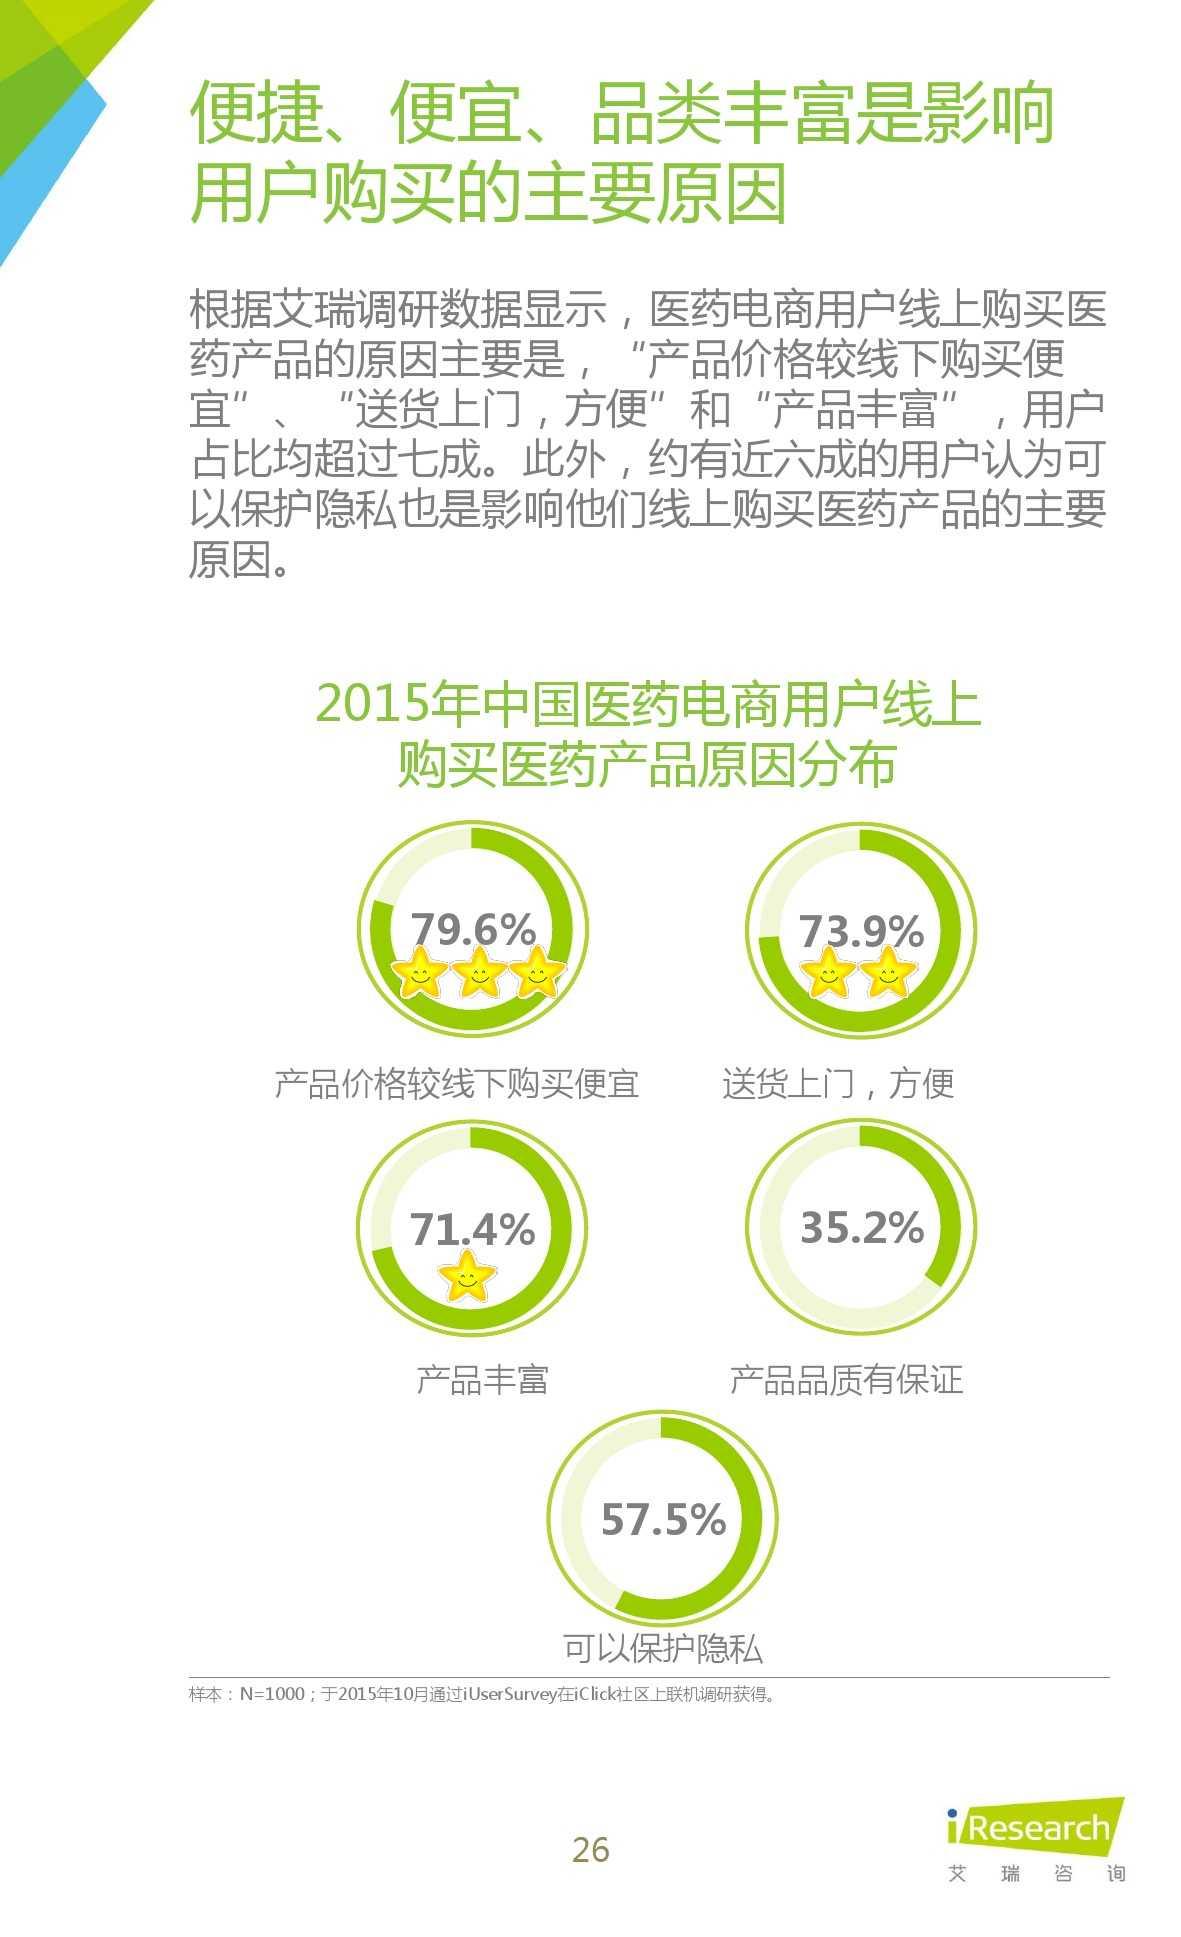 2015年中国医药电商用户行为研究报告_000026